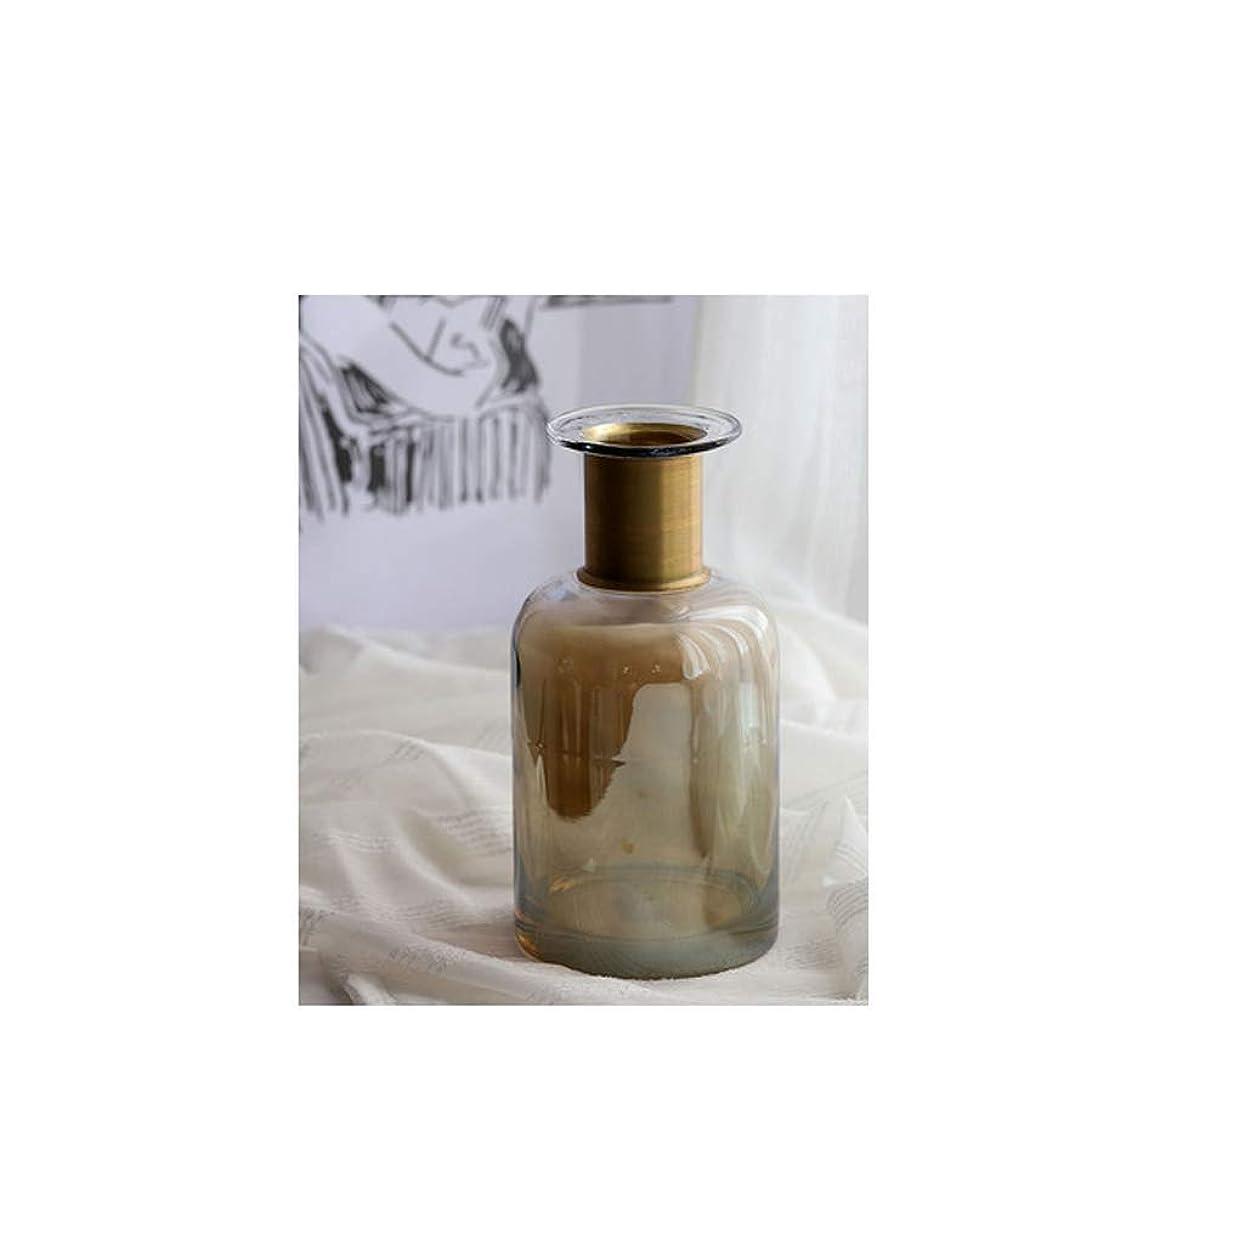 慣性陰謀休憩する花器 ルームホームデコレーションカウンター耕プラントユニークなインテリアデザインの高品質材料庭の装飾ガラスのサイズ (Size : 12×12×24cm)